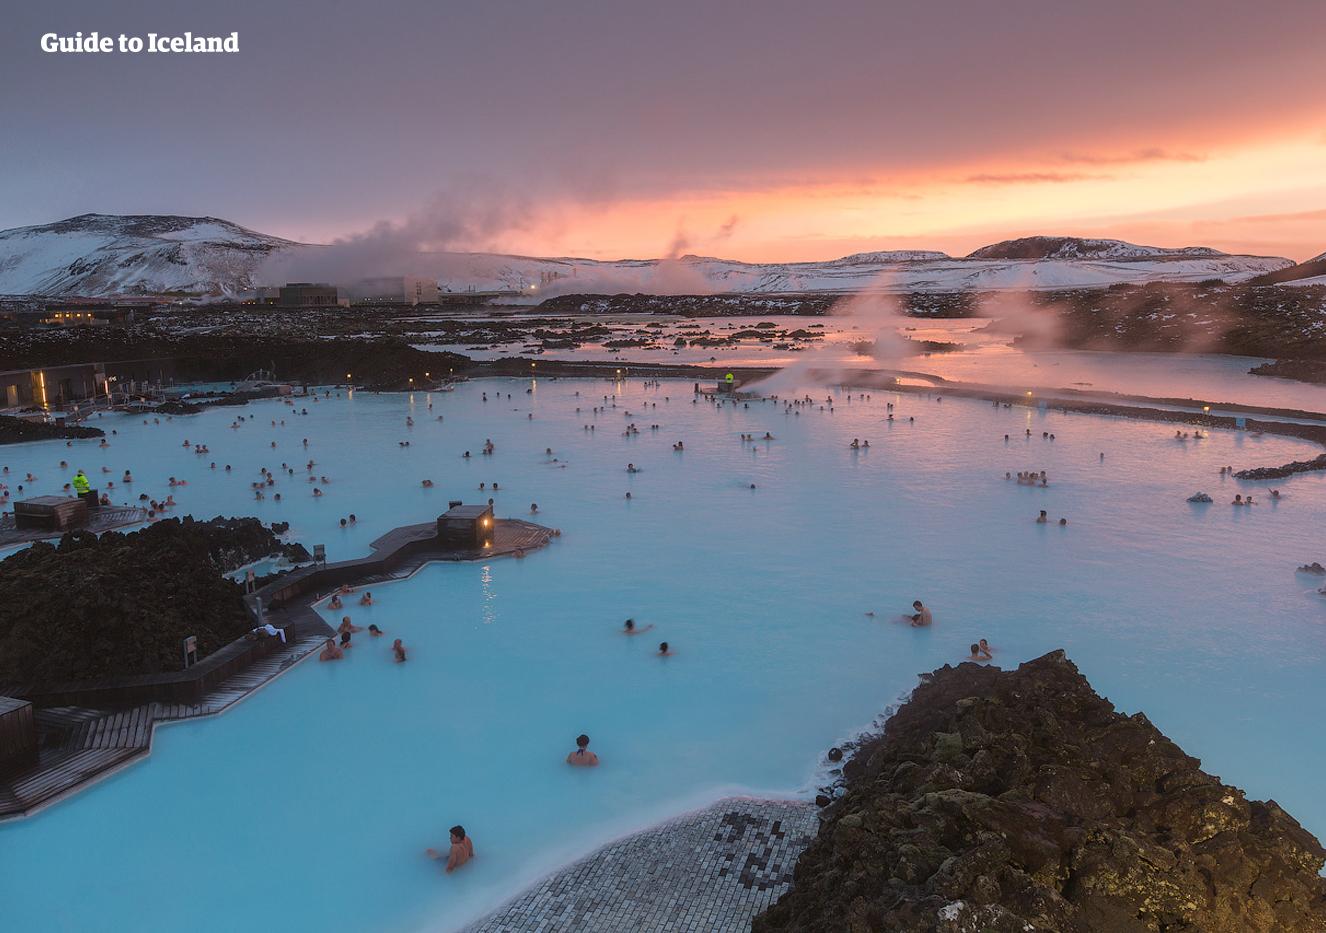 冰岛蓝湖温泉不仅为游客提供豪华的温泉体验,同时还有餐厅、按摩和商店等其他服务